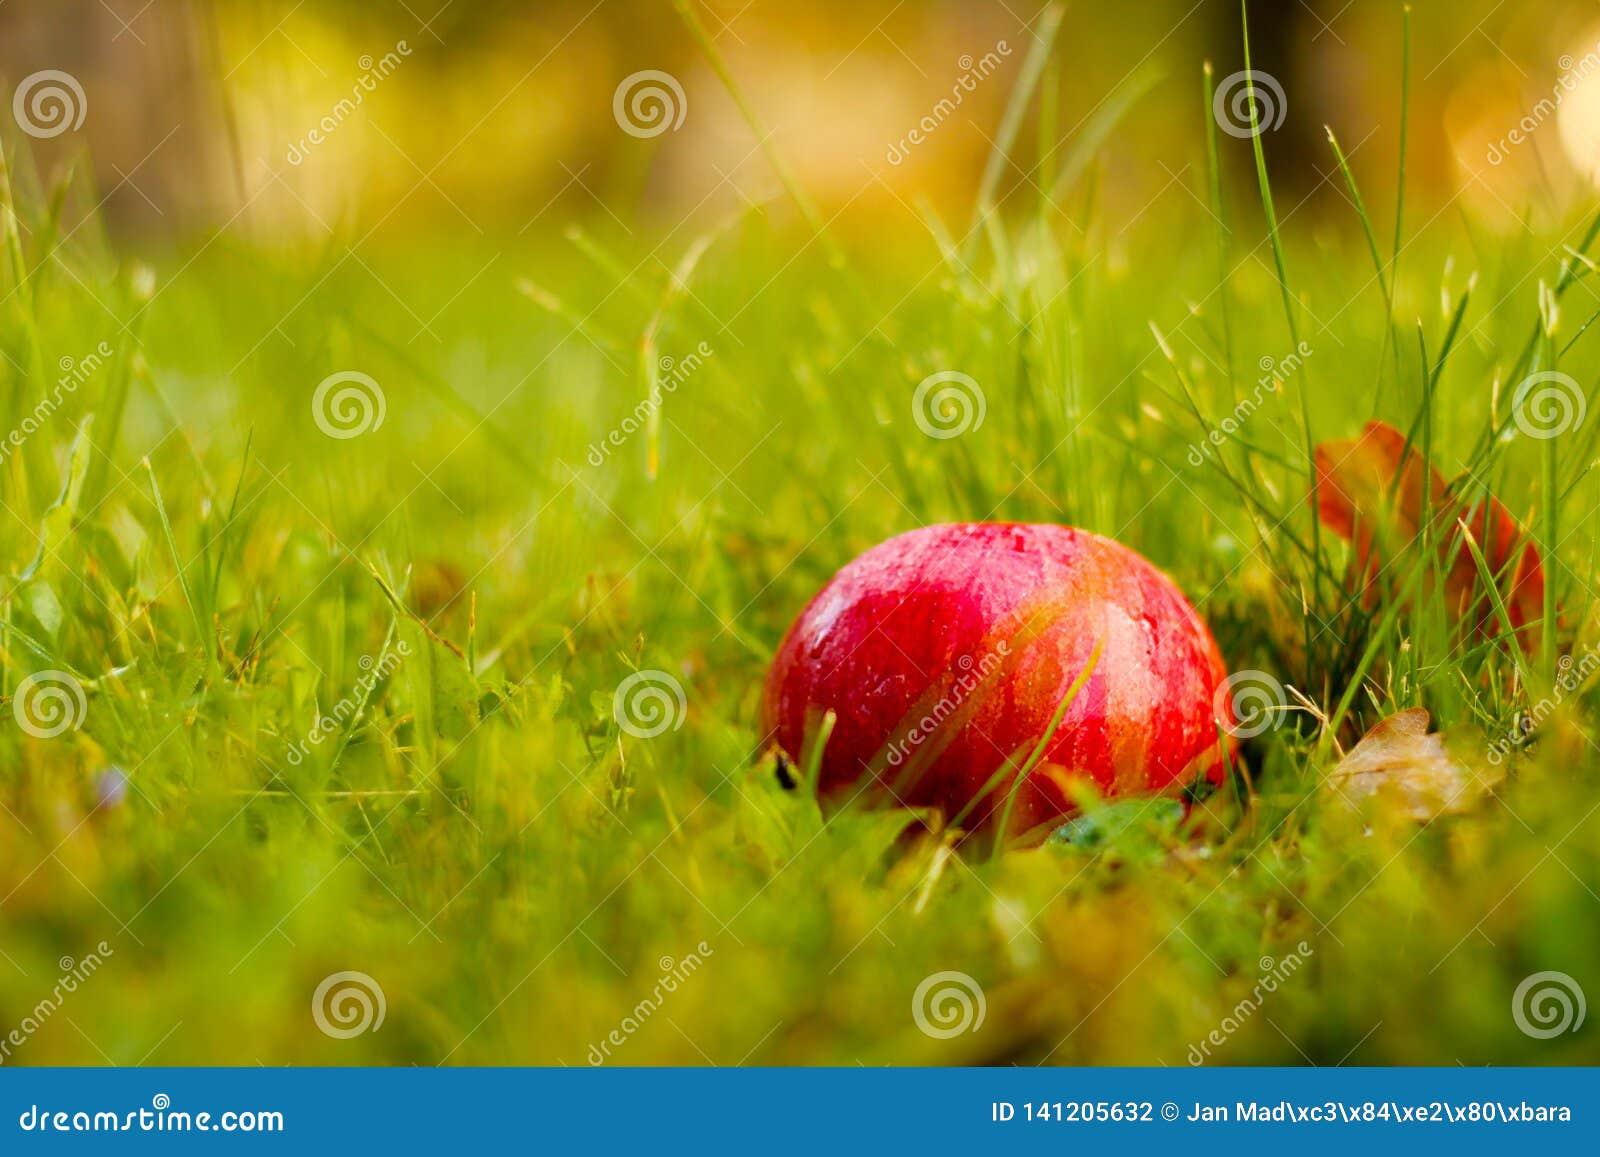 Красная красота, самое сладкое яблоко дерева